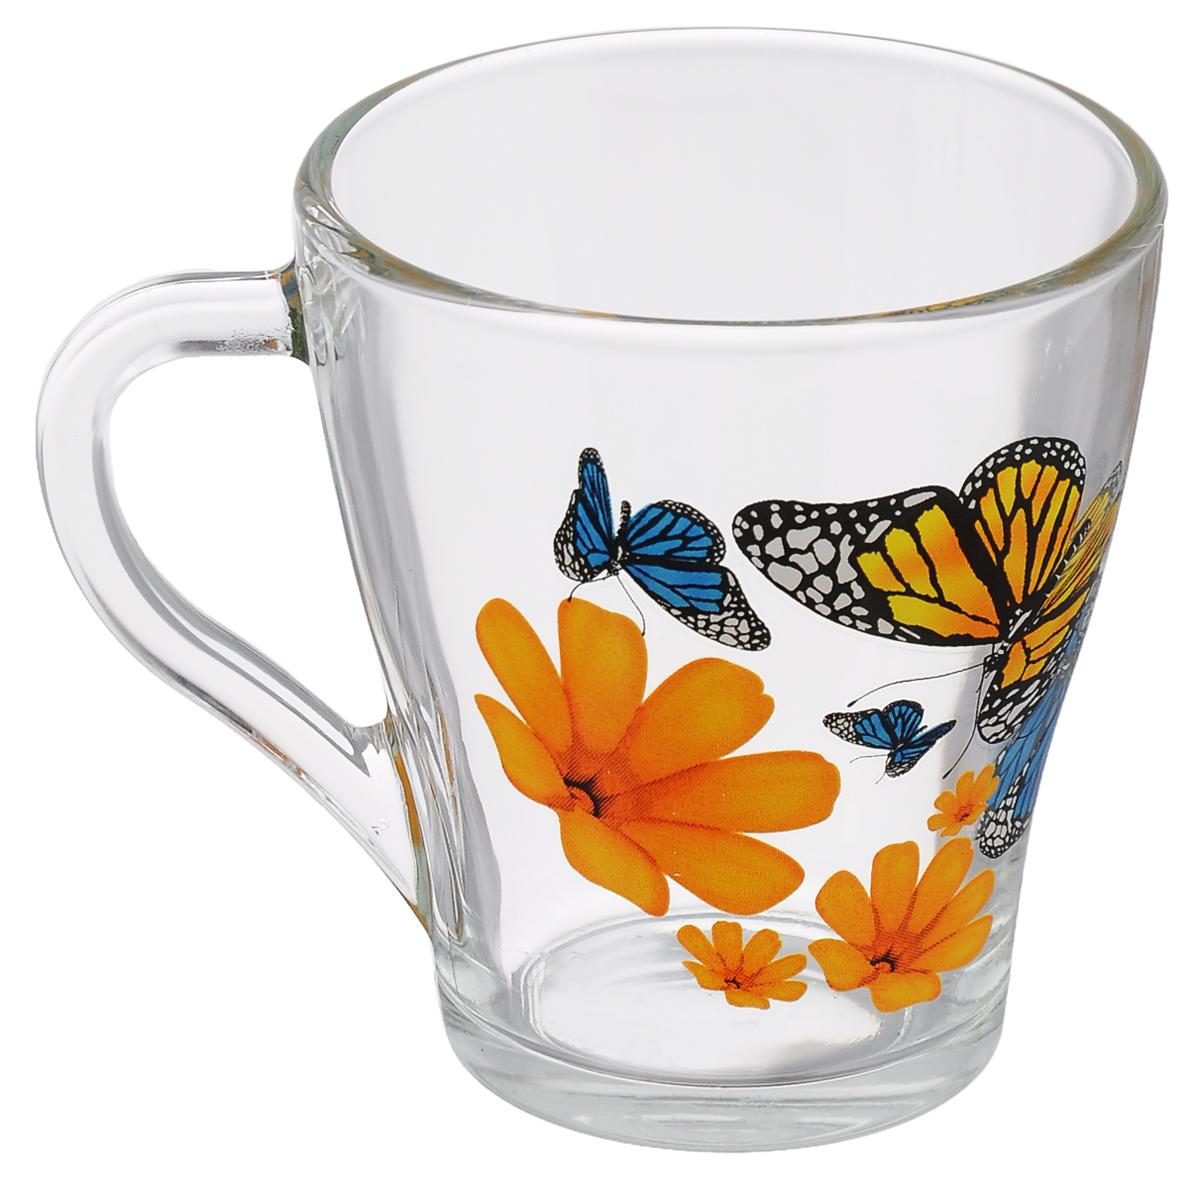 Кружка OSZ Грация Бабочки и оранжевые цветы, цвет: прозрачный, 280 мл13с1649 ДЗ БиО ЦветыКружка OSZ Грация Бабочки и оранжевые цветы изготовлена из бесцветного стекла и украшена ярким рисунком. Идеально подходит для сервировки стола. Кружка не только украсит ваш кухонный стол, но подчеркнет прекрасный вкус хозяйки. Диаметр кружки (по верхнему краю): 8,5 см. Диаметр основания: 5 см. Ширина кружки с учетом ручки: 11,5 см. Высота кружки: 9 см. Объем кружки: 280 мл.